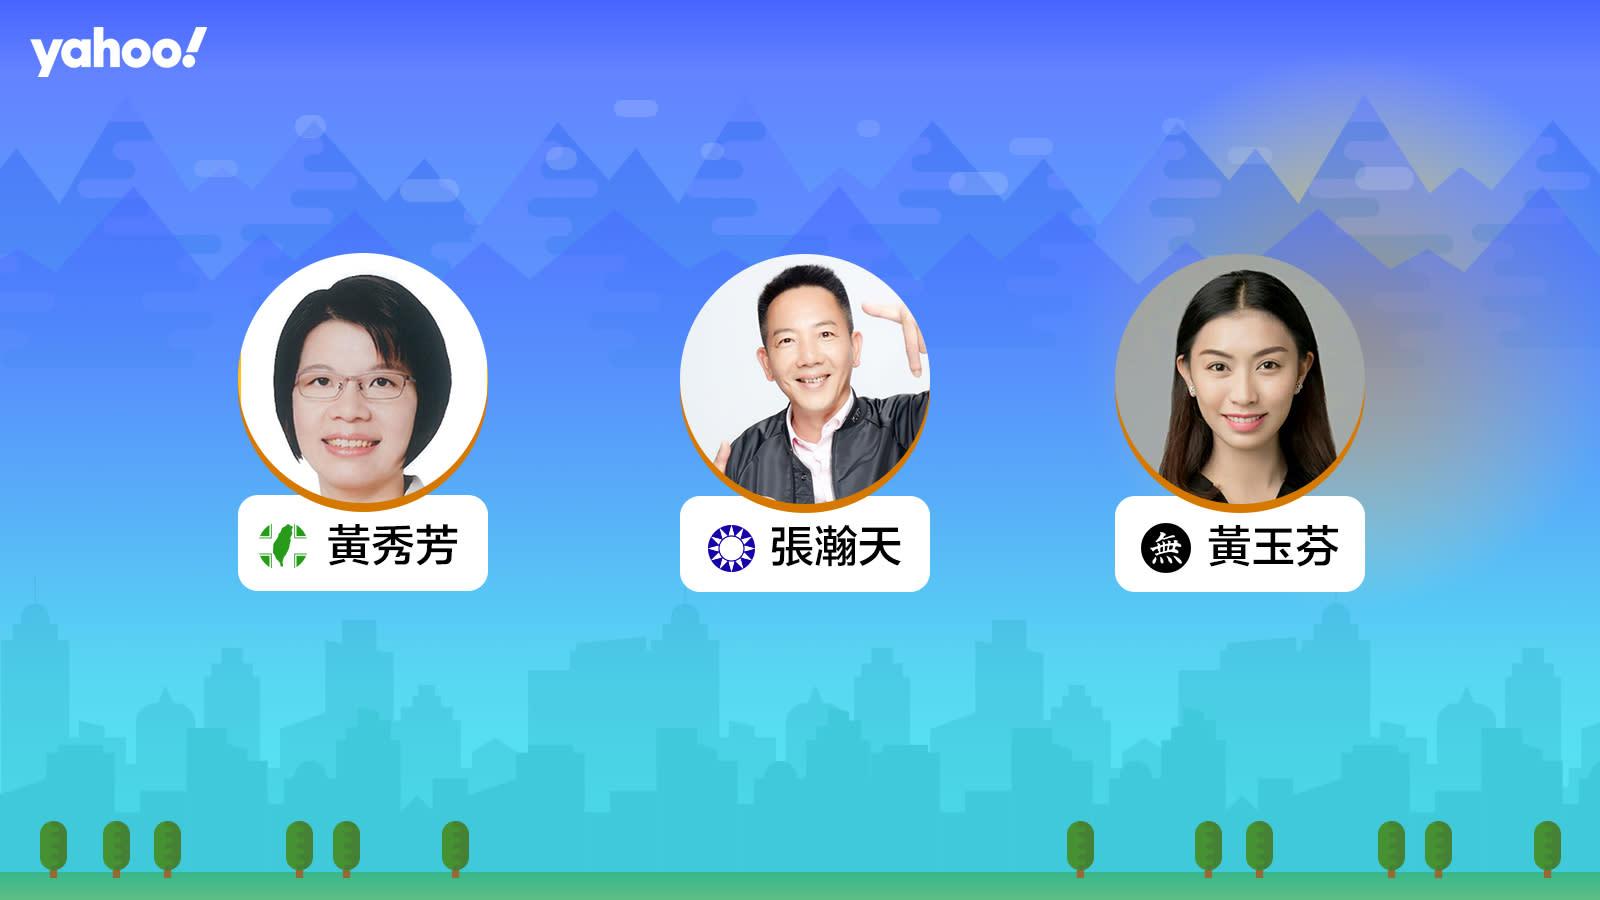 2020立委選舉彰化縣第二選區,你支持誰?